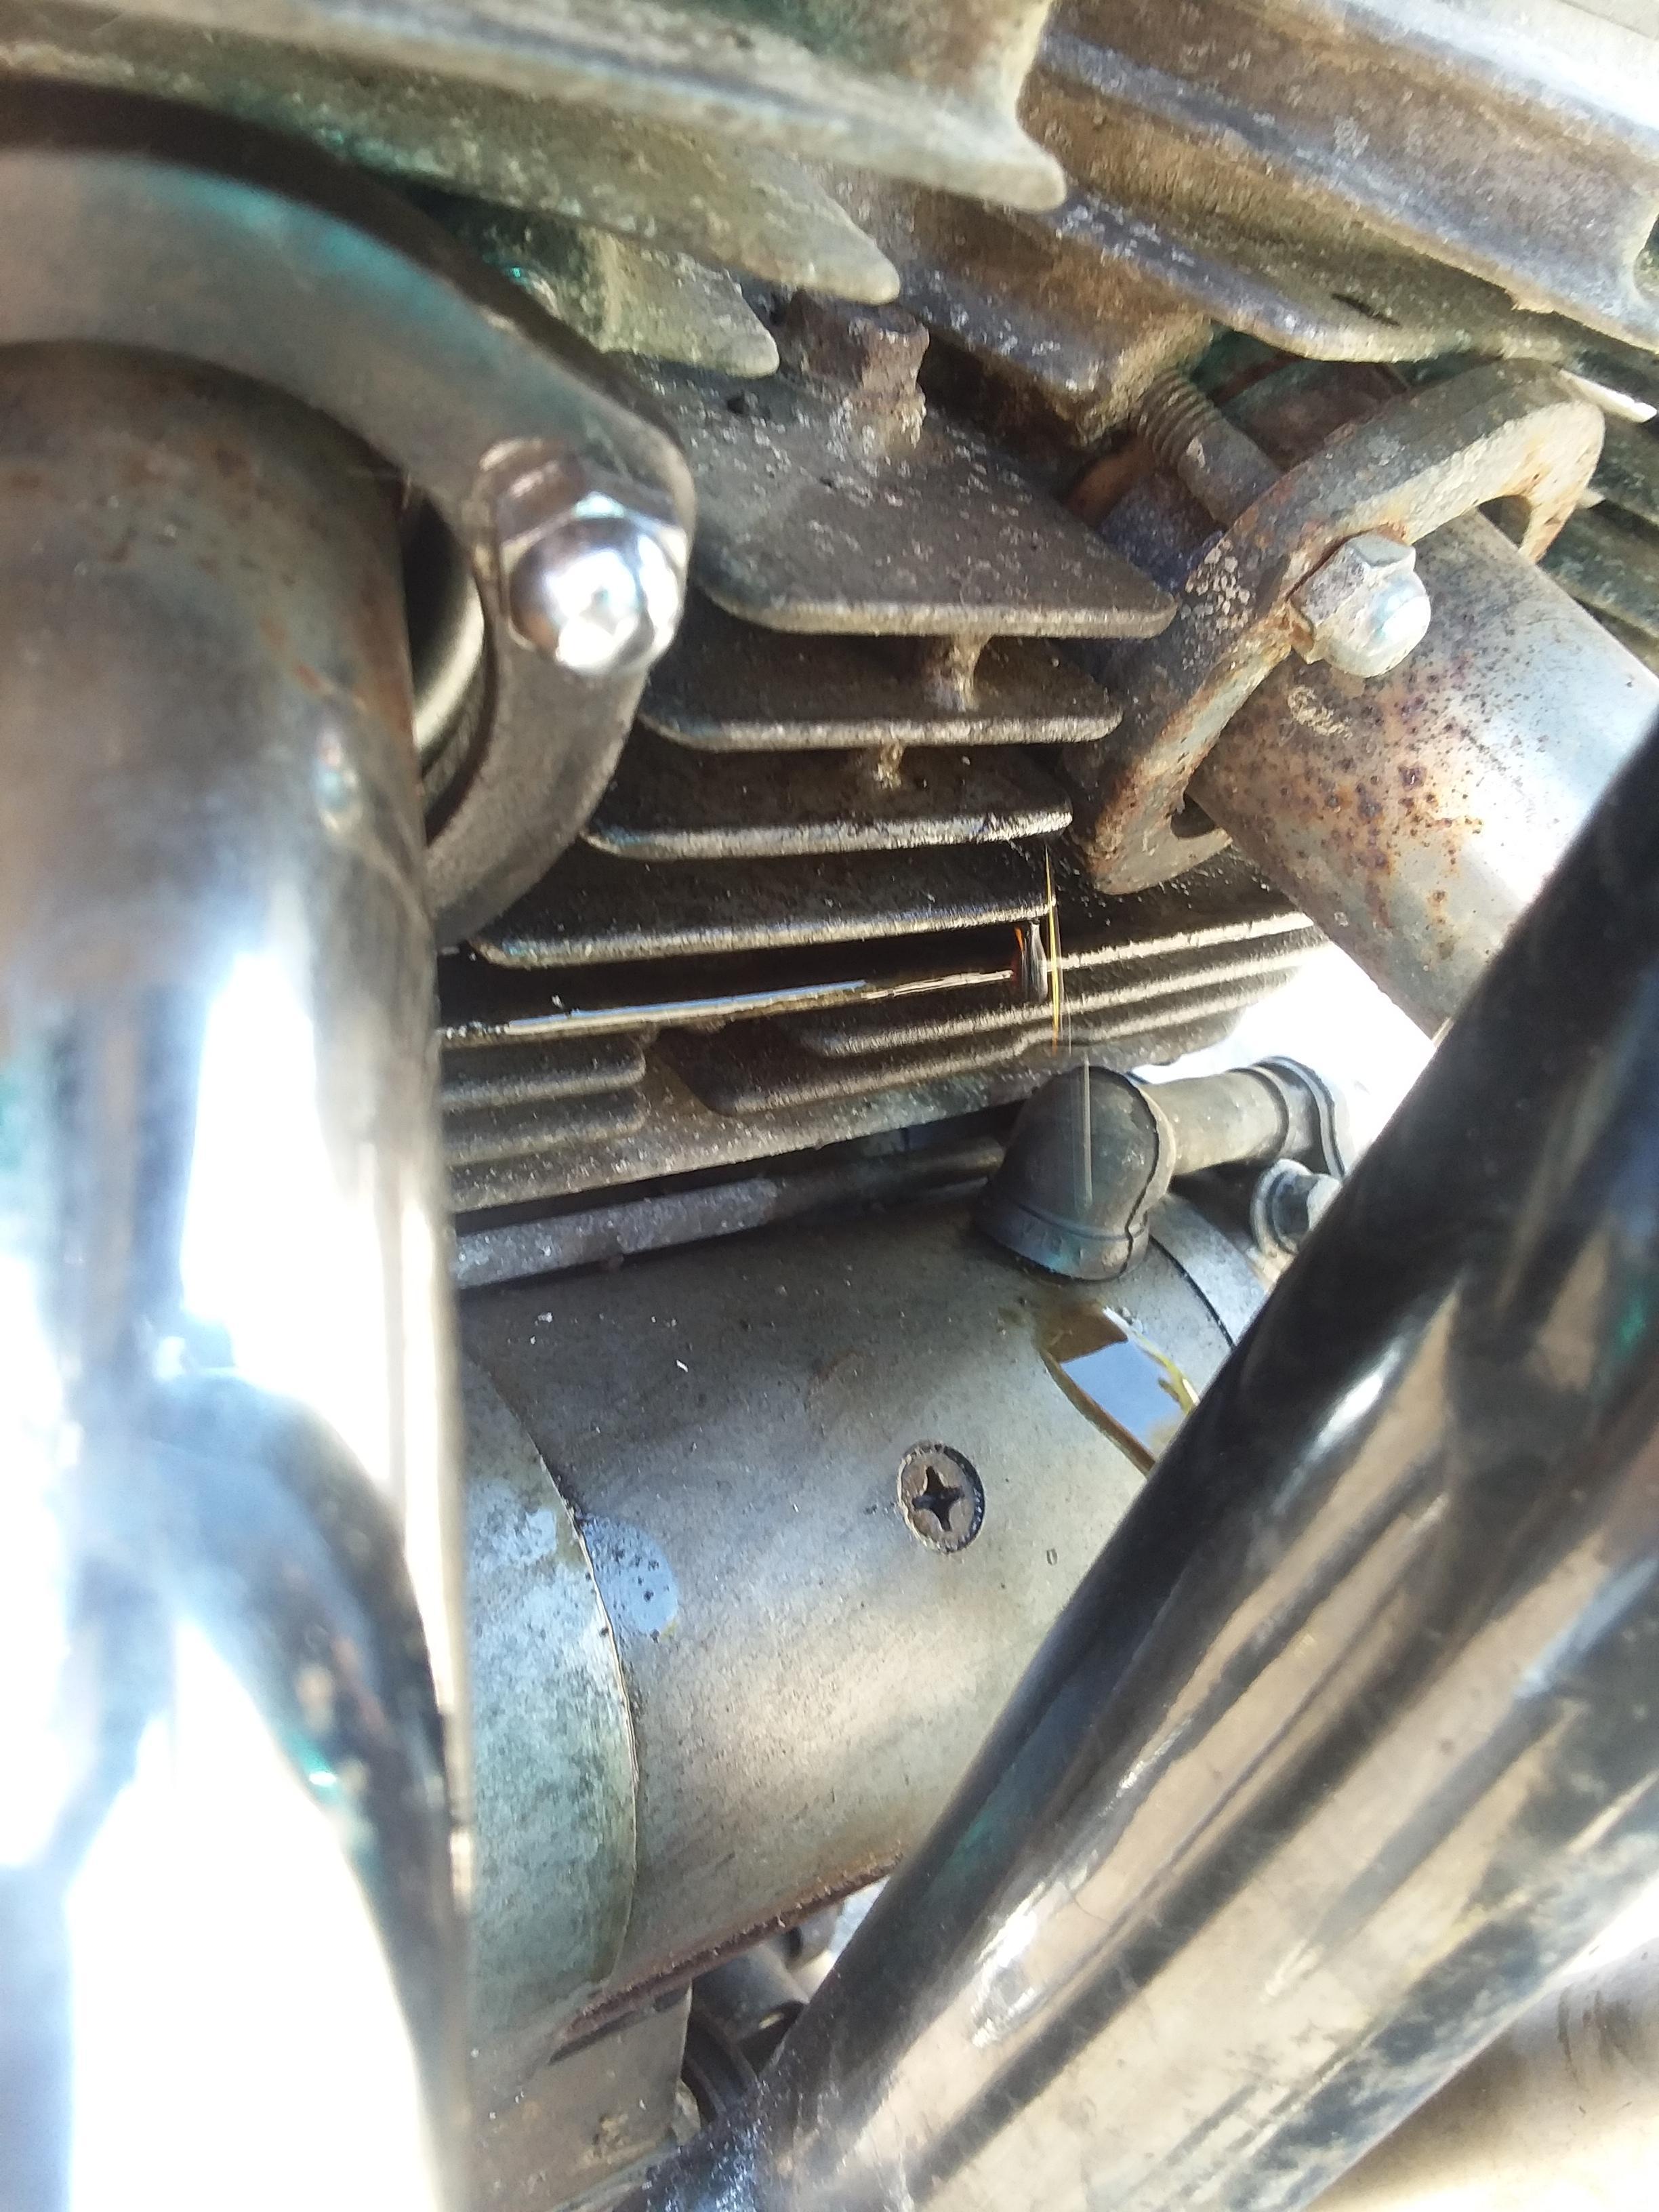 my 1985 honda rebel 250 is leaking oil